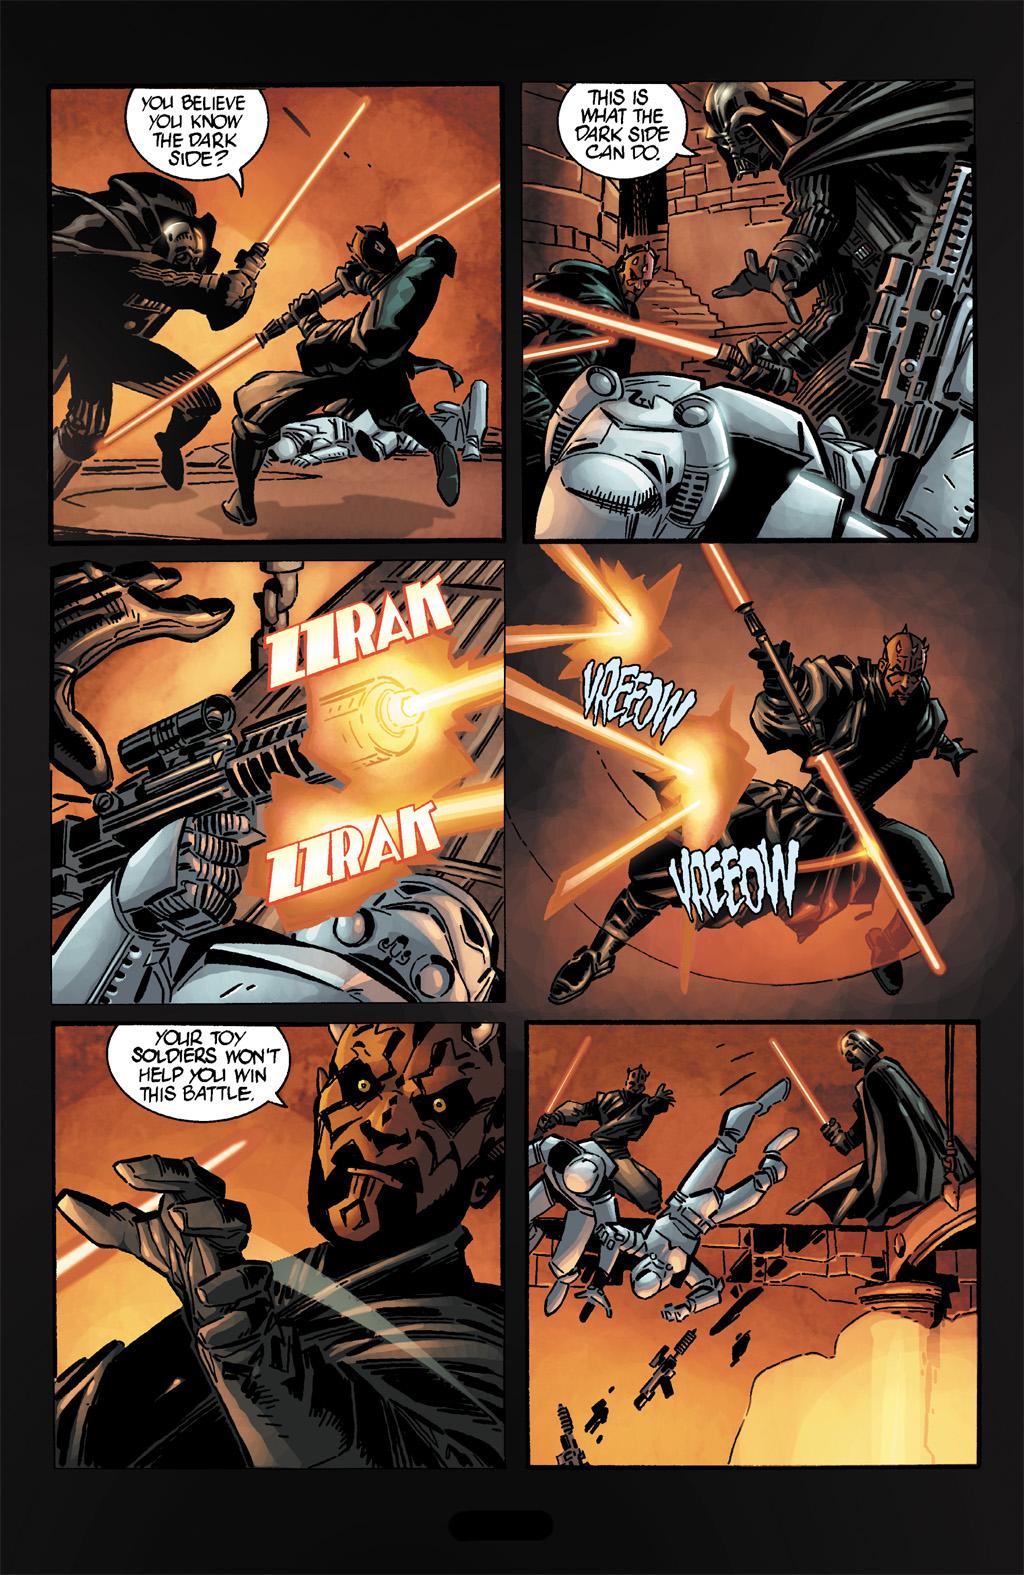 The PT apprentice uprising - Page 2 S34Q73HN1CsDaFhdi61xf4RkuwVm_PPb6fQEW8sjovuuB-7AP4Fy7rhnt4G9JVMFBA1pno8ySjWN=s1600